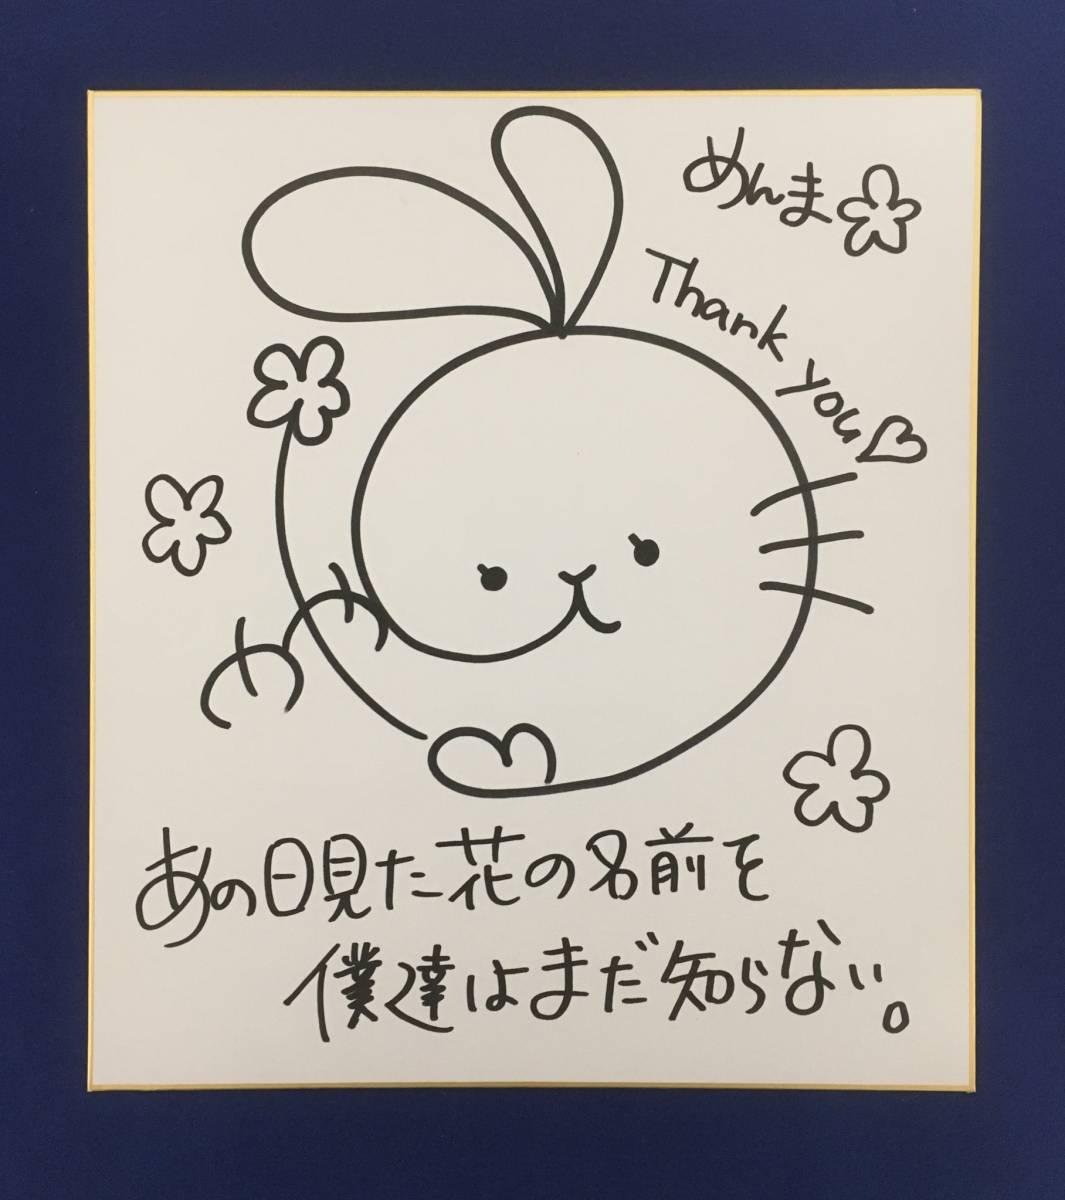 茅野愛衣◆直筆サイン色紙◆あの花◆あの日見た花の名前を僕達はまだ知らない。